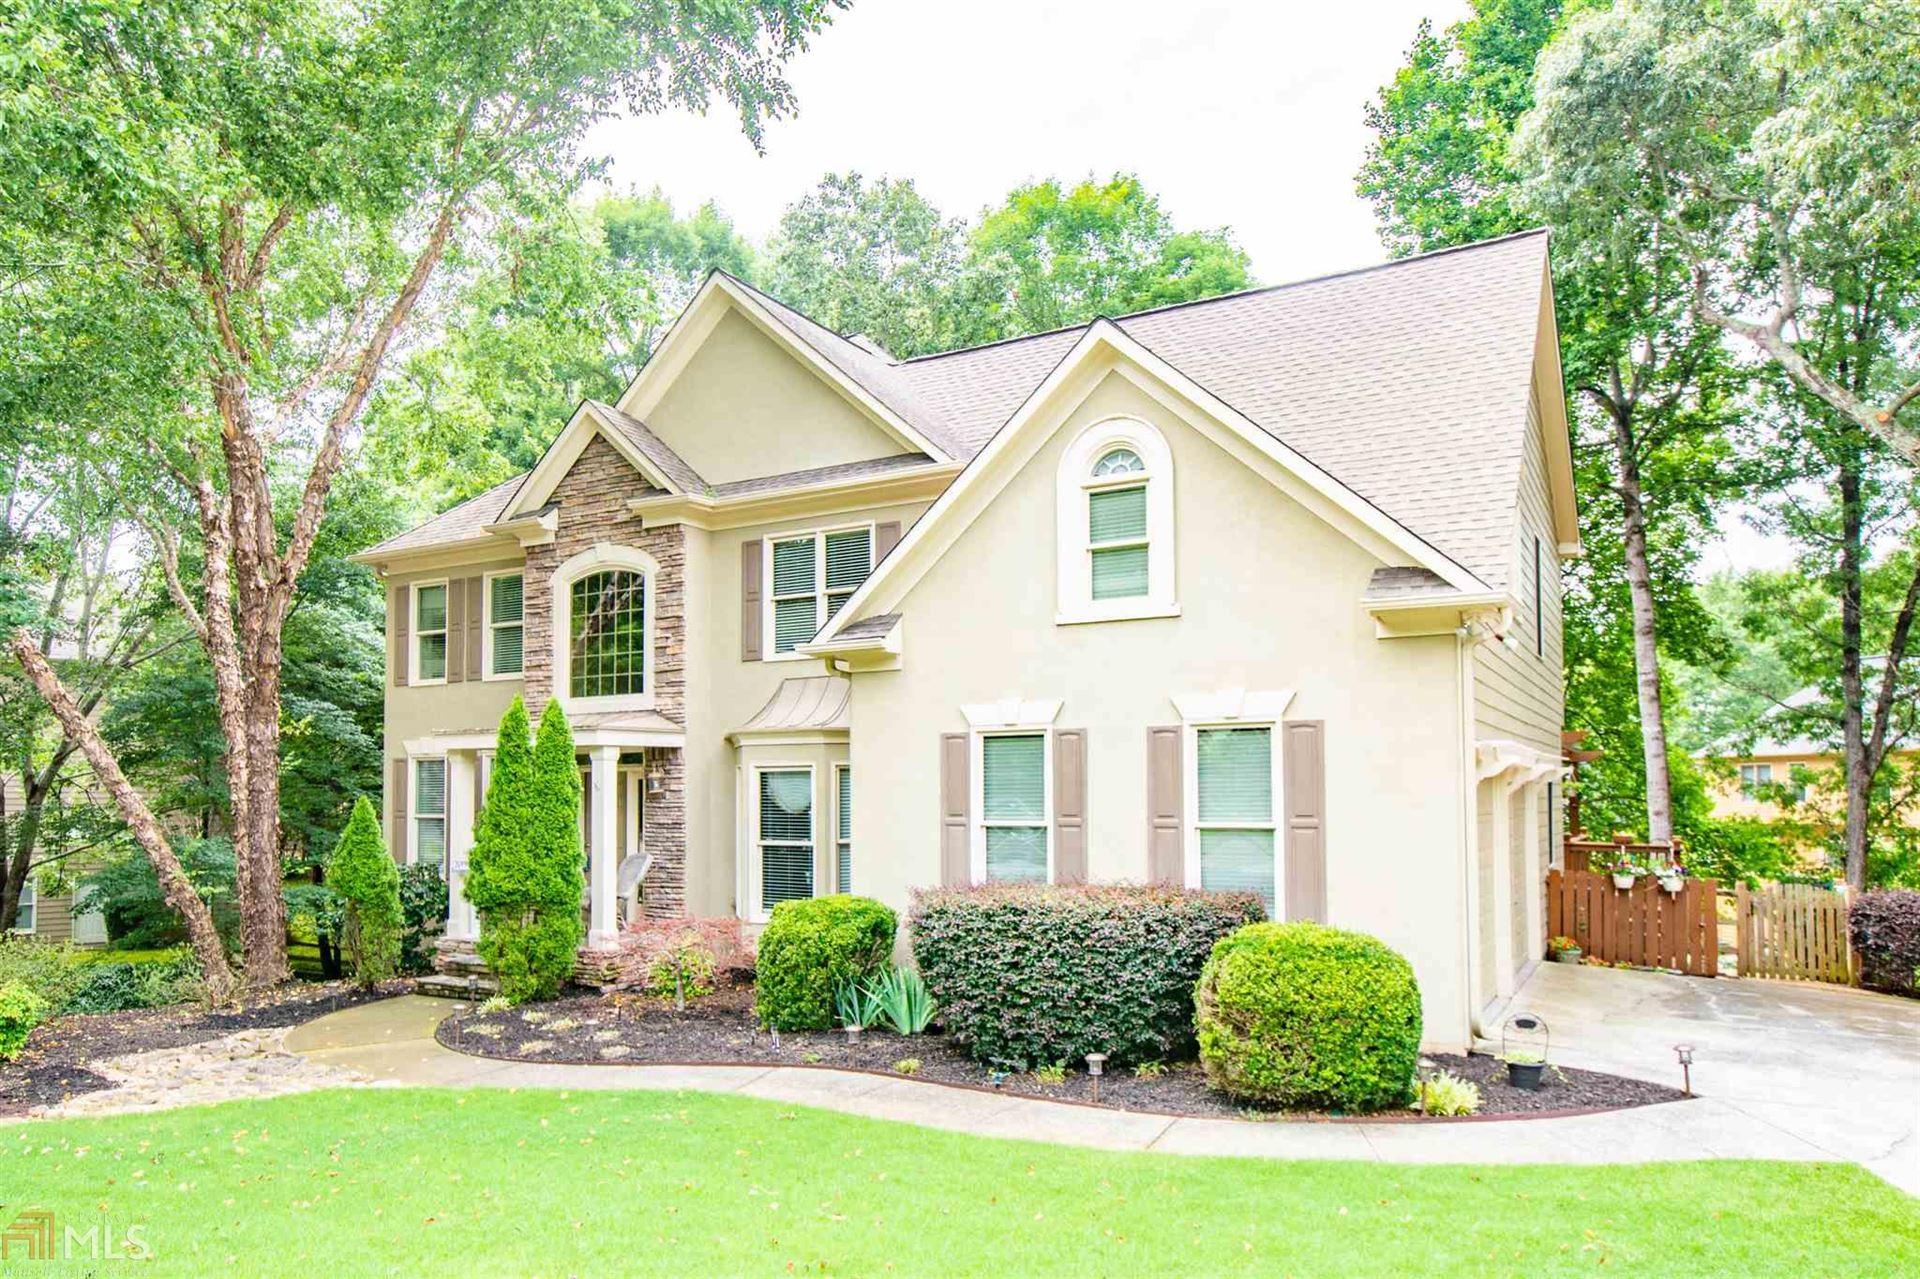 502 Woodbrook Ln, Canton, GA 30114 - #: 8811081